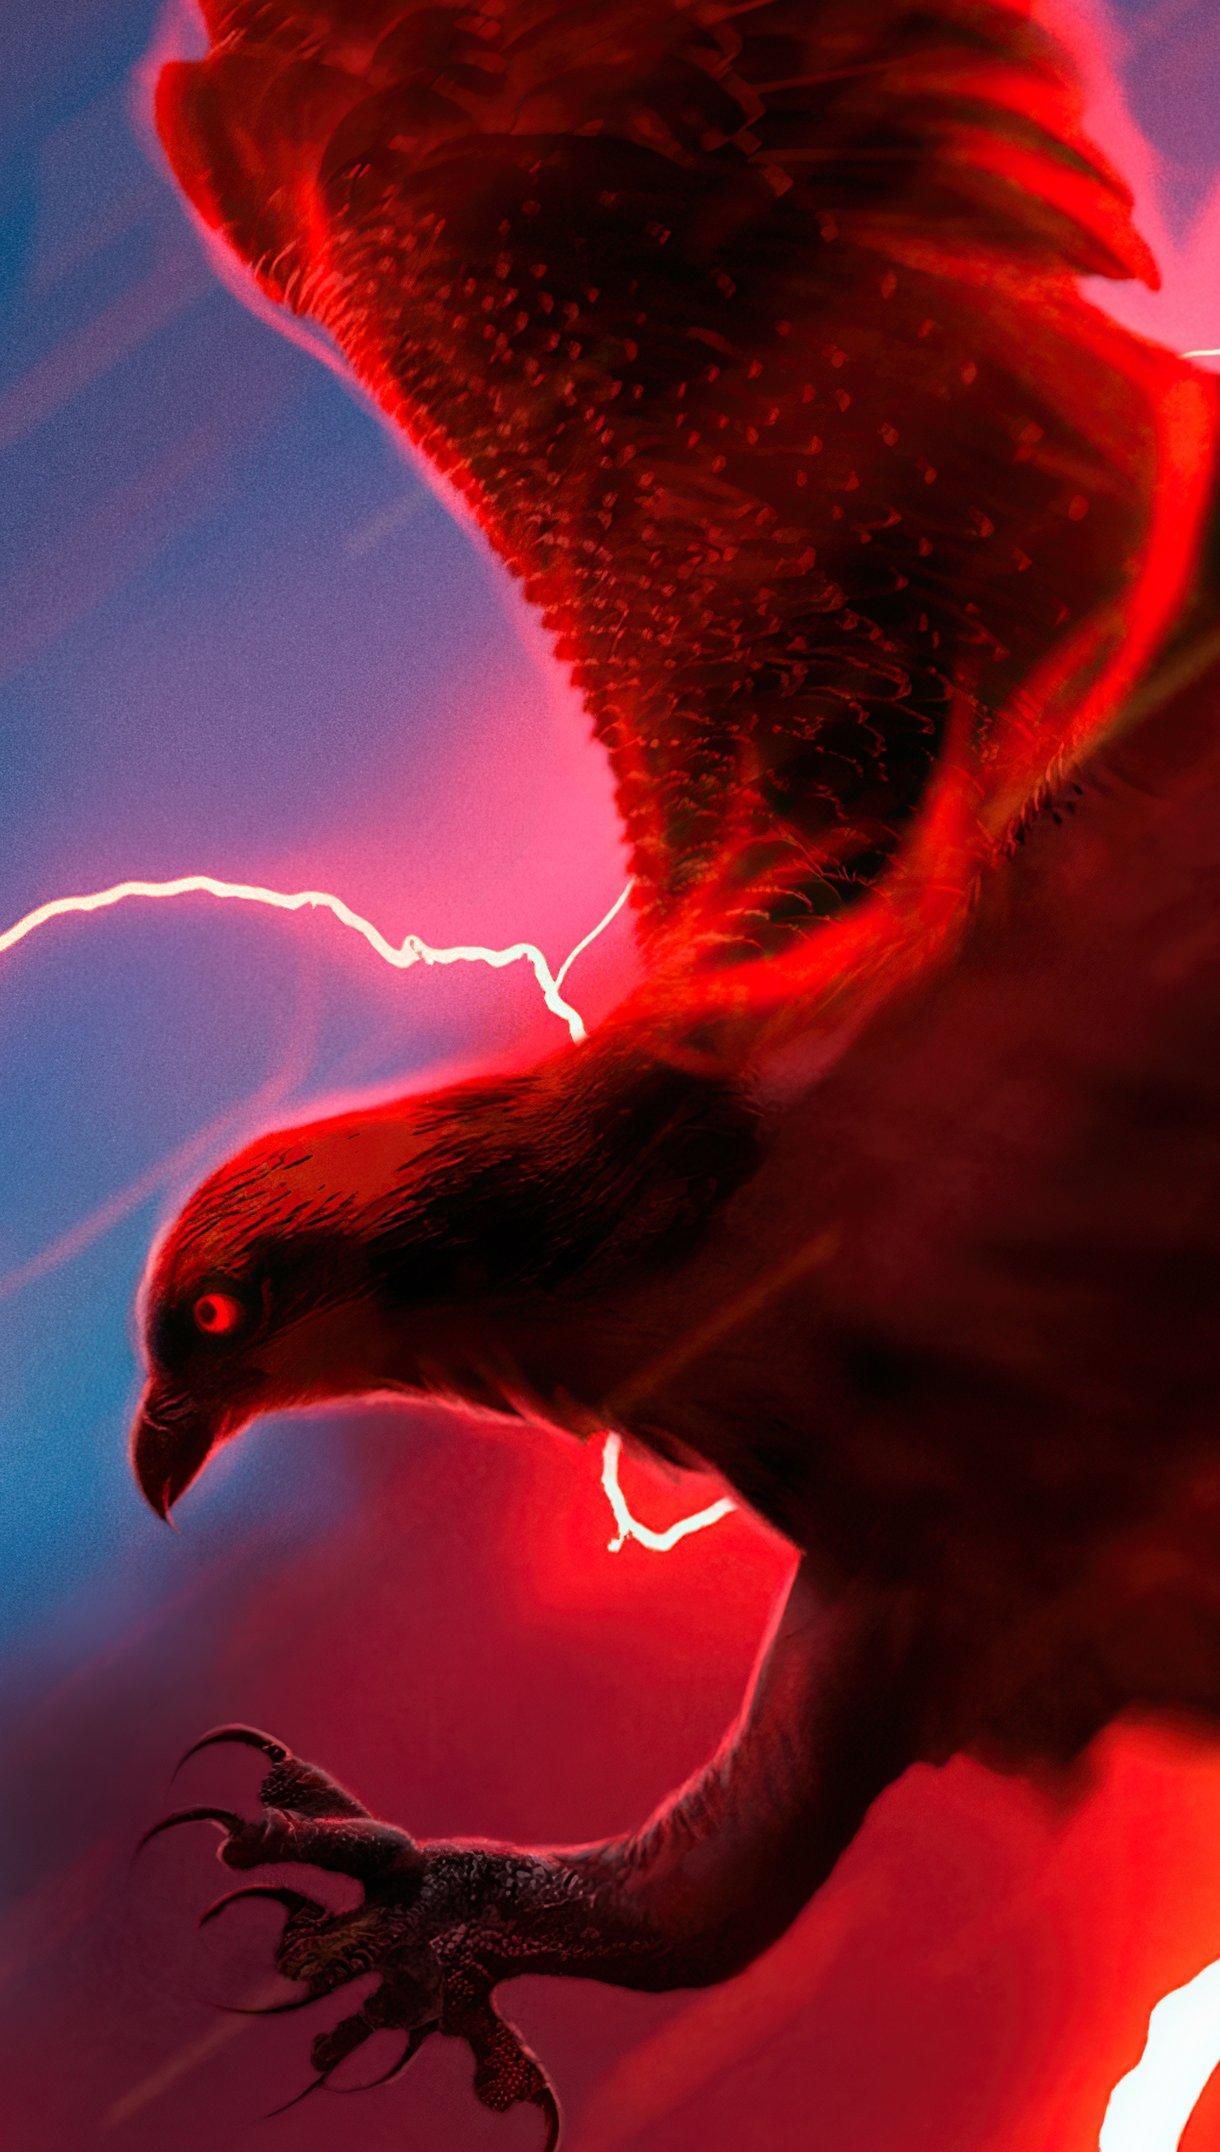 Fondos de pantalla Aguila con rayo de fondo Vertical